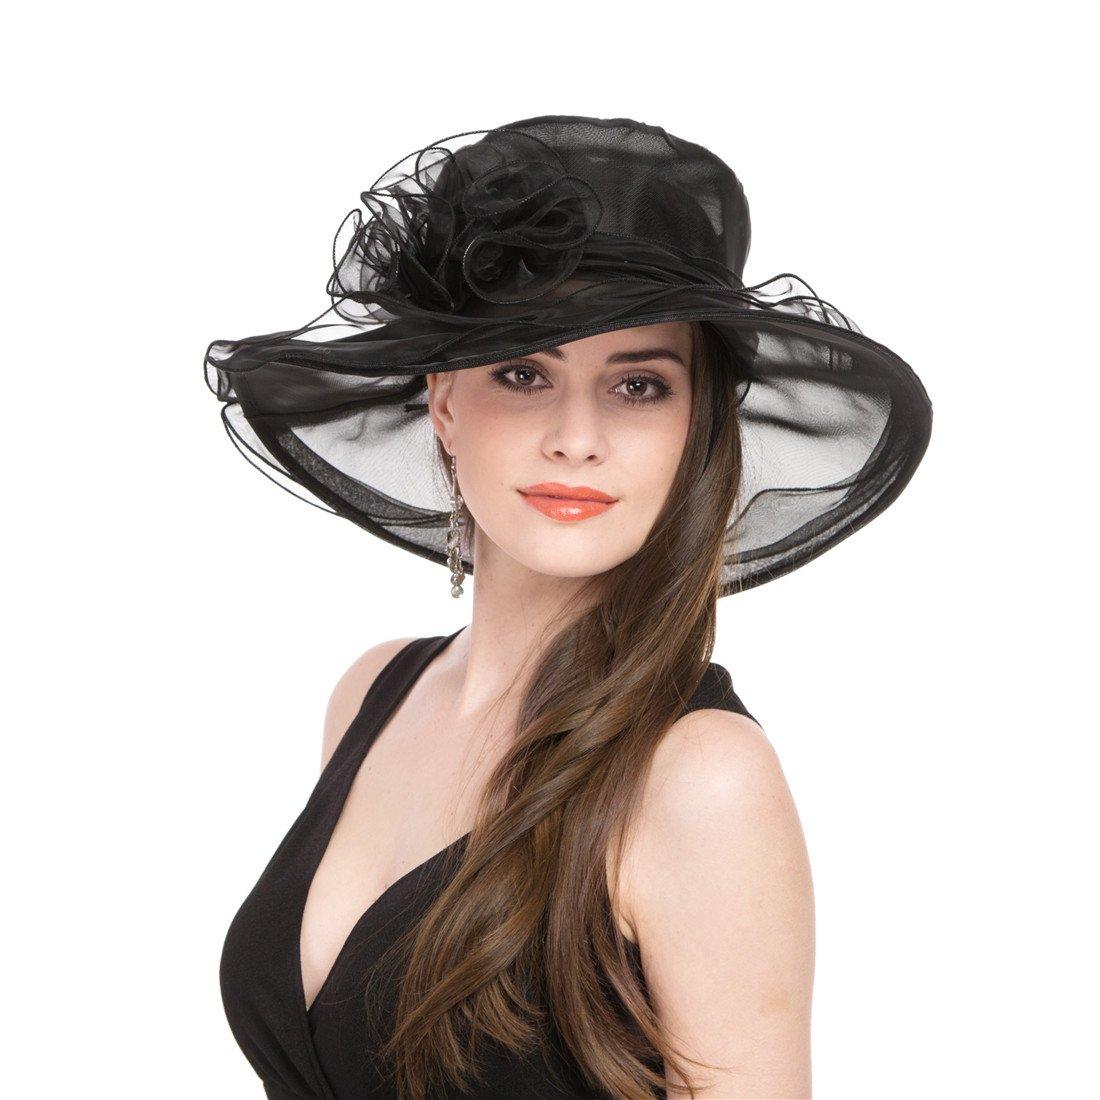 SAFERIN Women's Organza Church Kentucky Derby Fascinator Bridal Tea Party Wedding Hat (1-Black) by SAFERIN